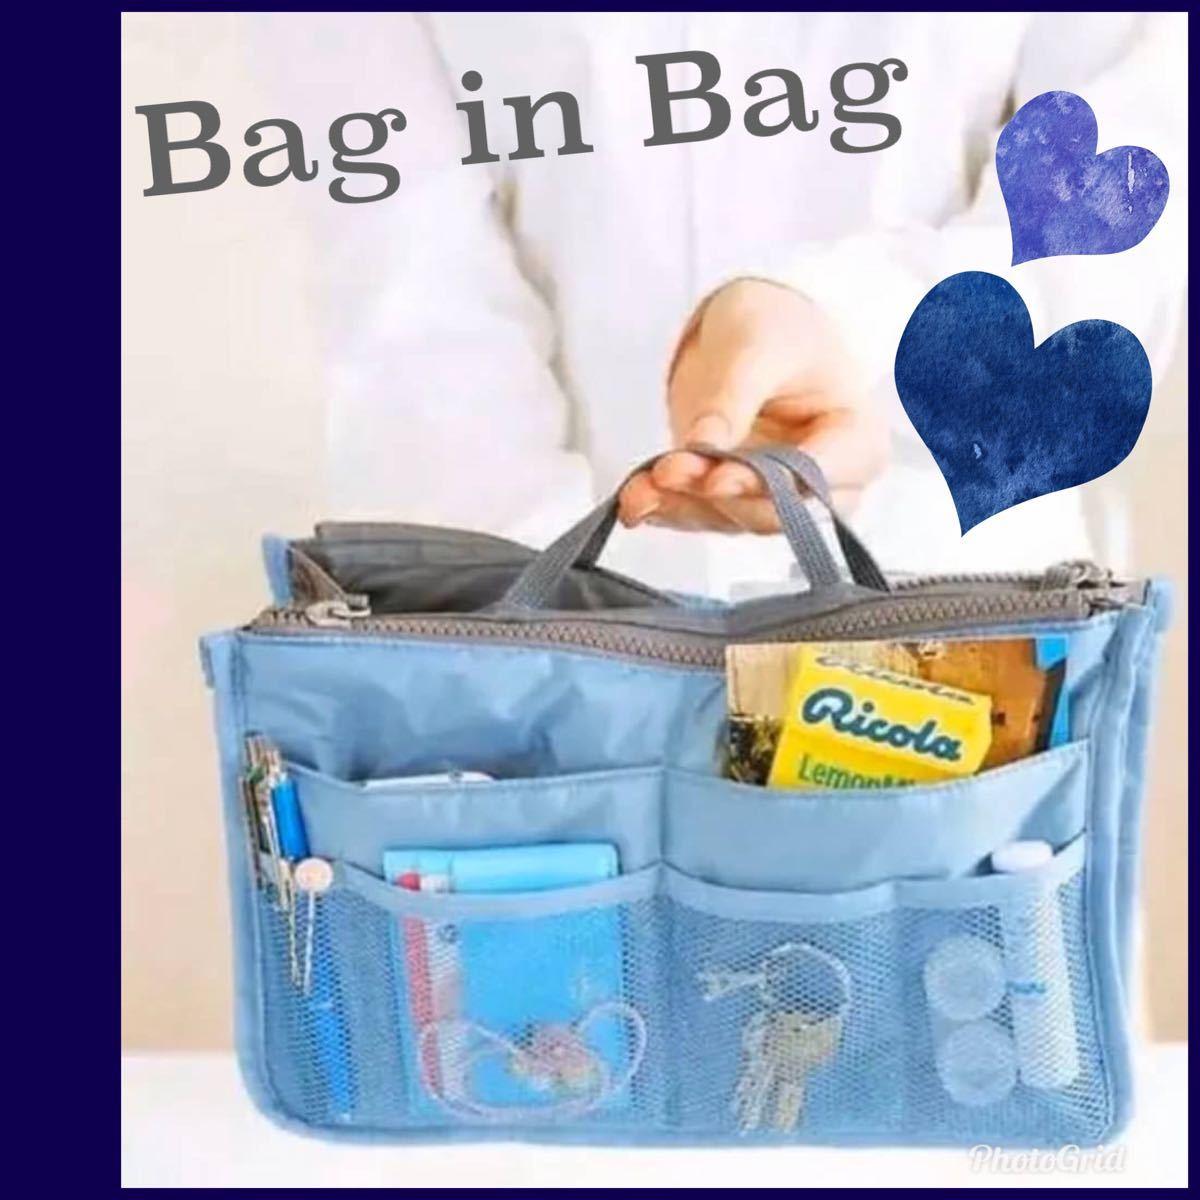 バッグインバッグ インナーバッグ 小物収納 整理整頓 収納バッグ 化粧ポーチ トラベルポーチ 旅行ポーチ 便利グッズ 大人気